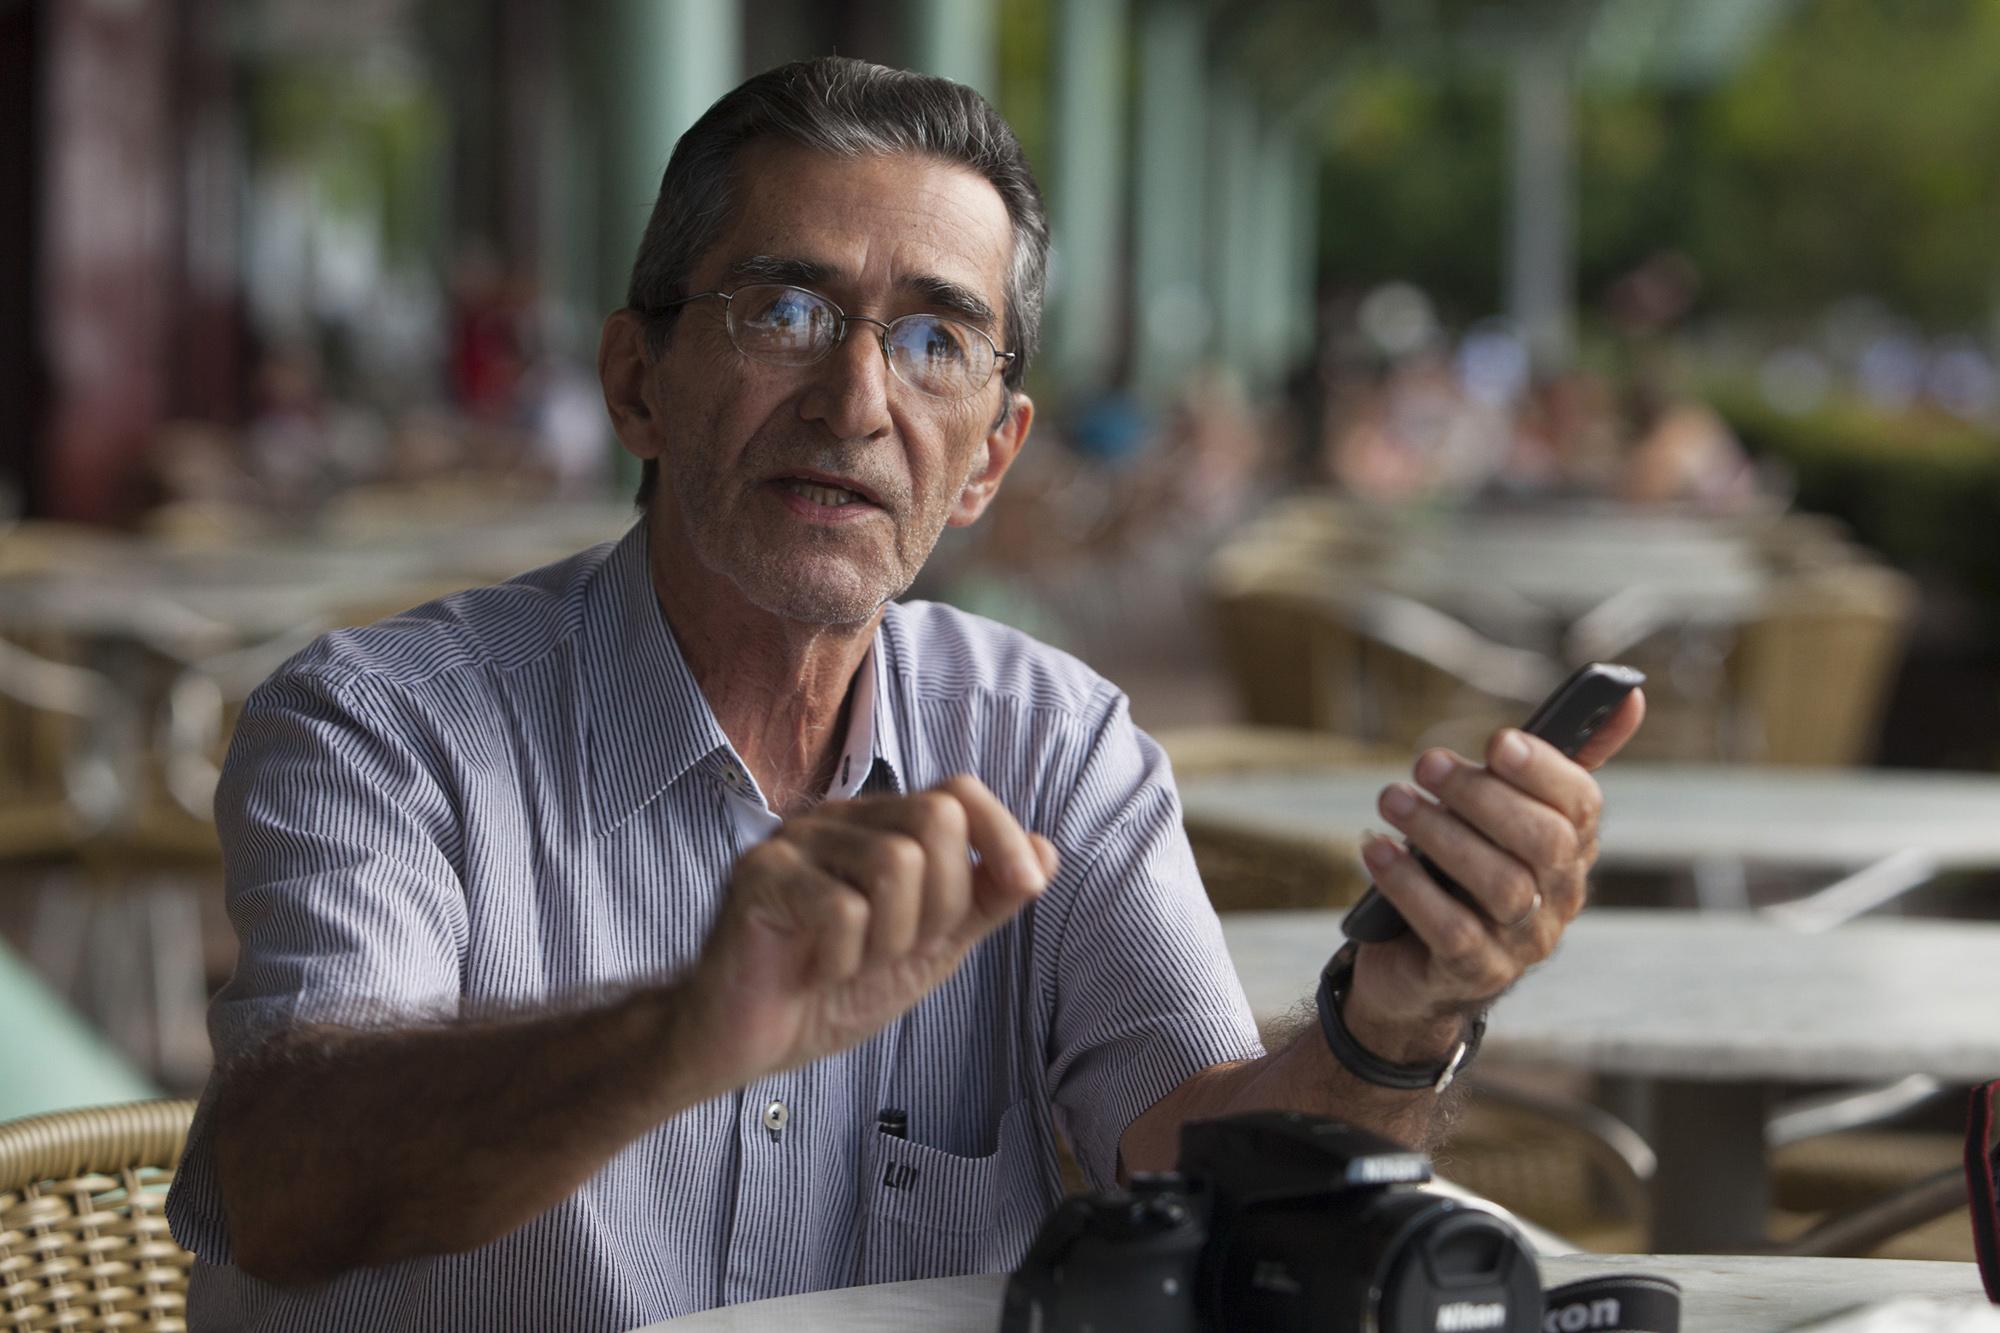 Profissão jornalista: cursos no Brasil estão despolitizados, diz professor da UFPA